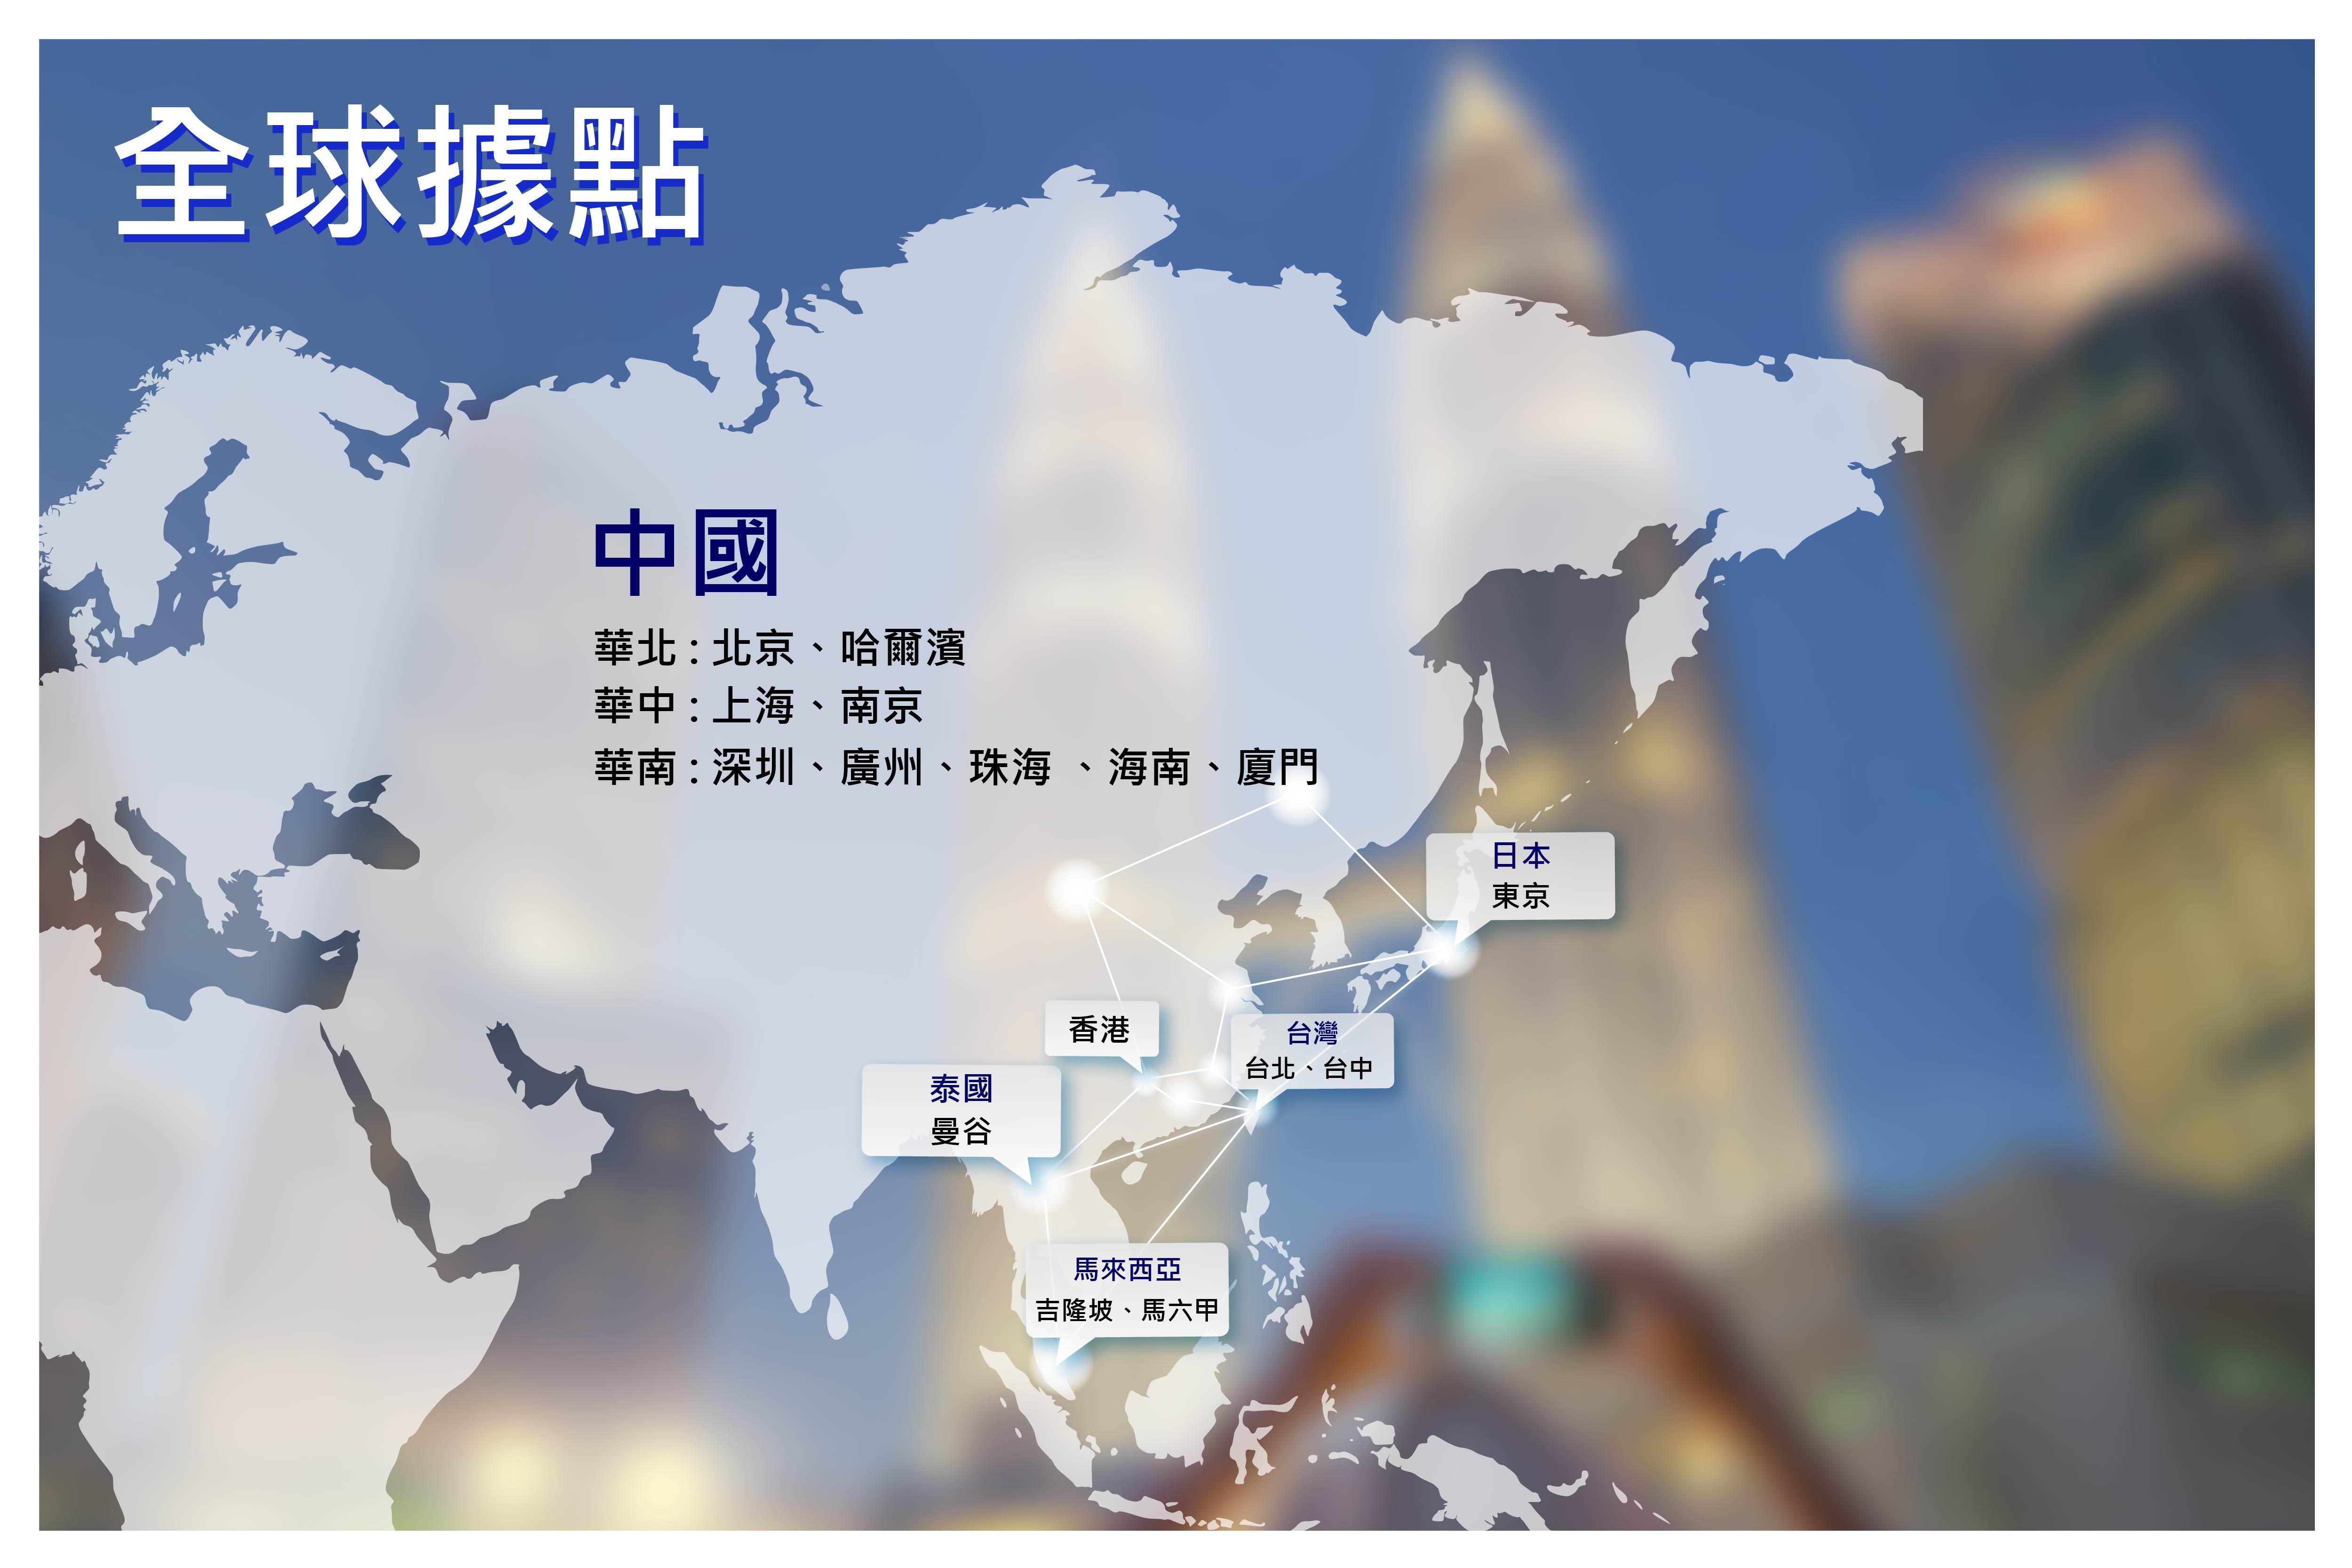 全球據點1200800(20線)_工作區域 1_工作區域 1_工作區域 1